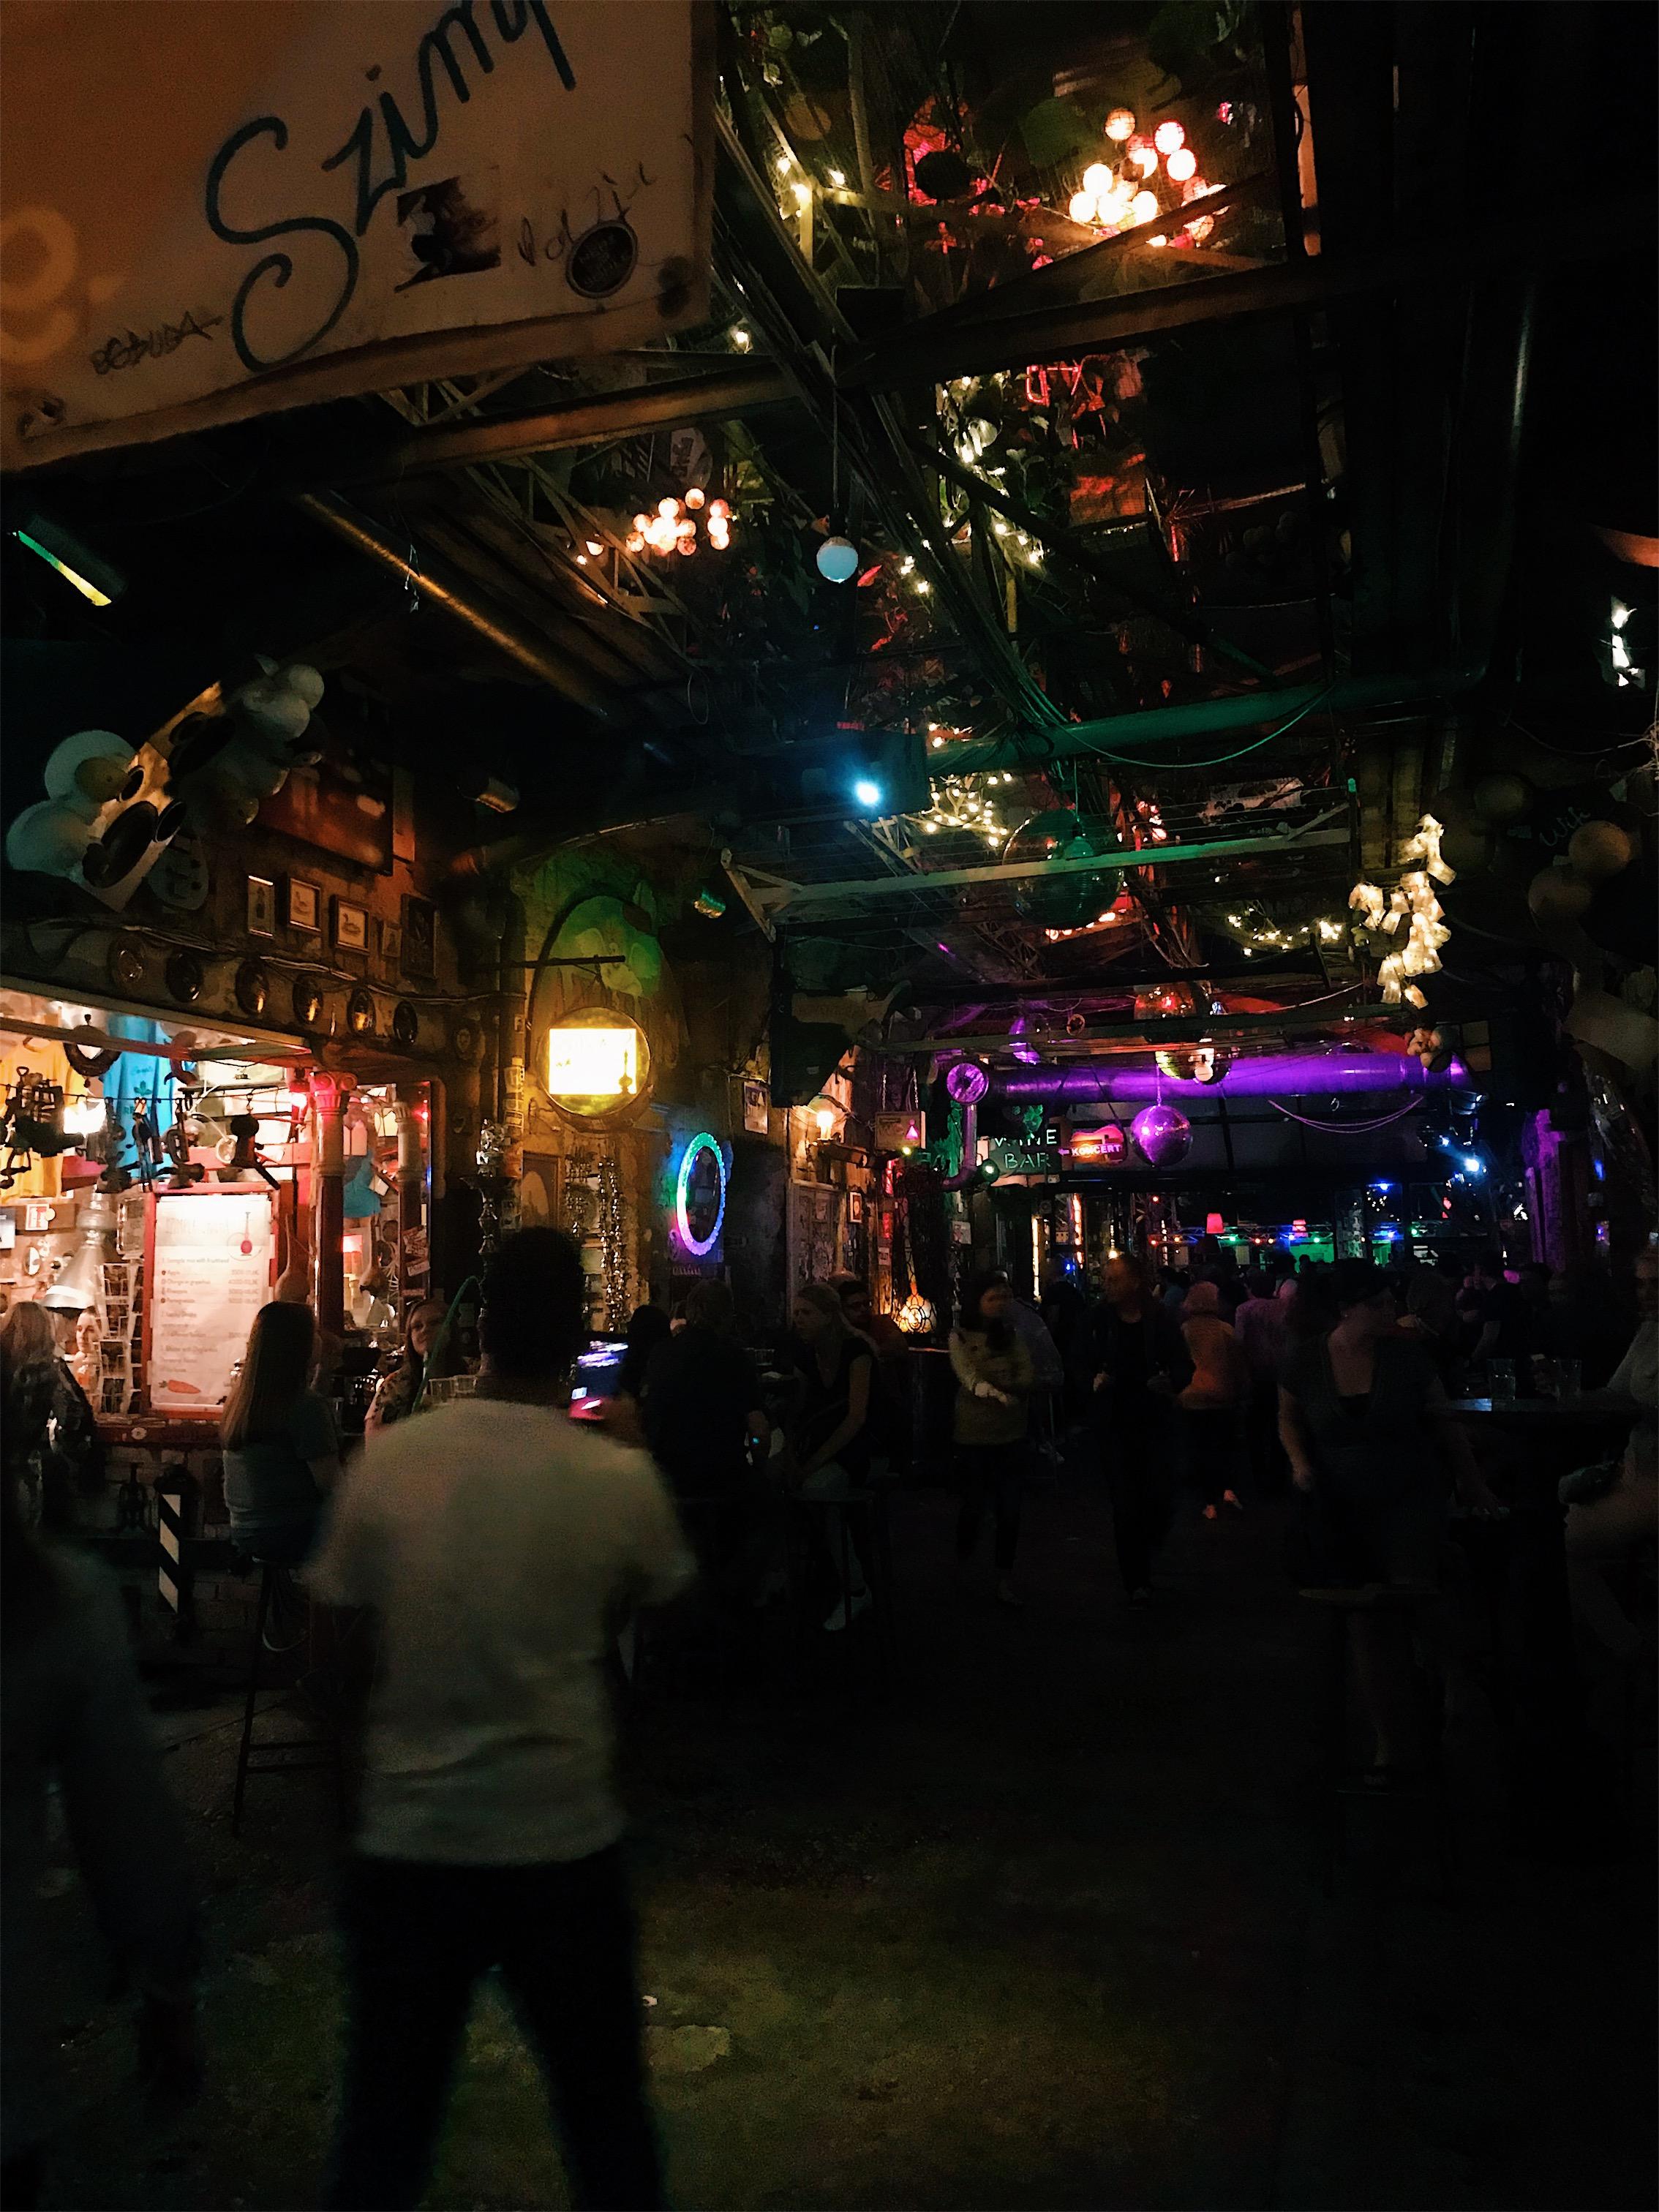 Szimpla Kert ruins bars at night